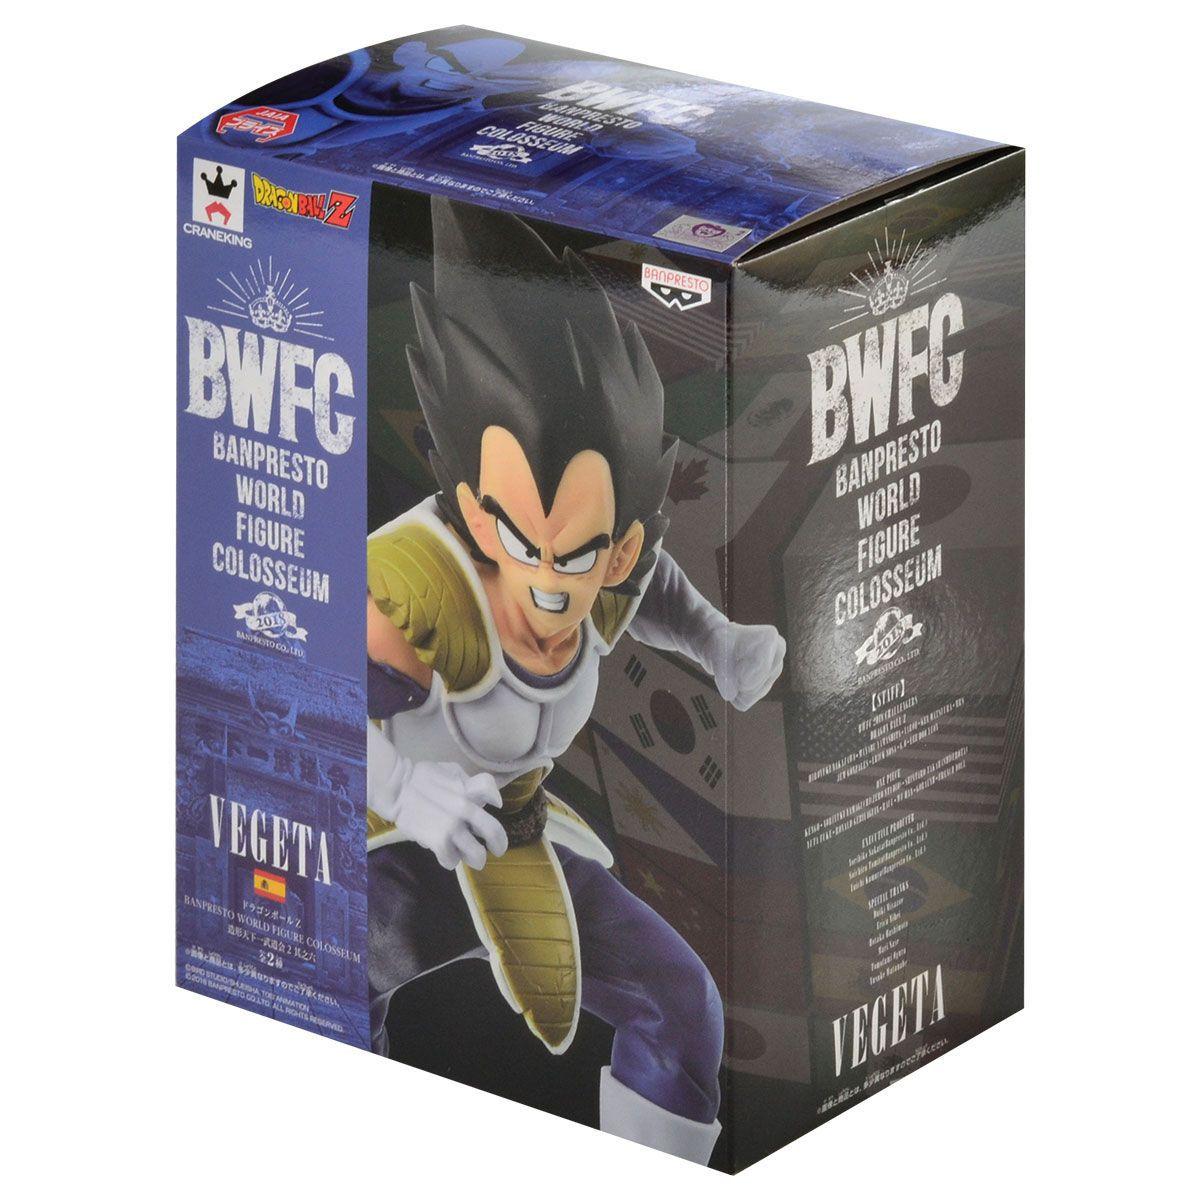 Vegeta Vol6 World Colosseum 2 - Dragon Ball Z - Banpresto